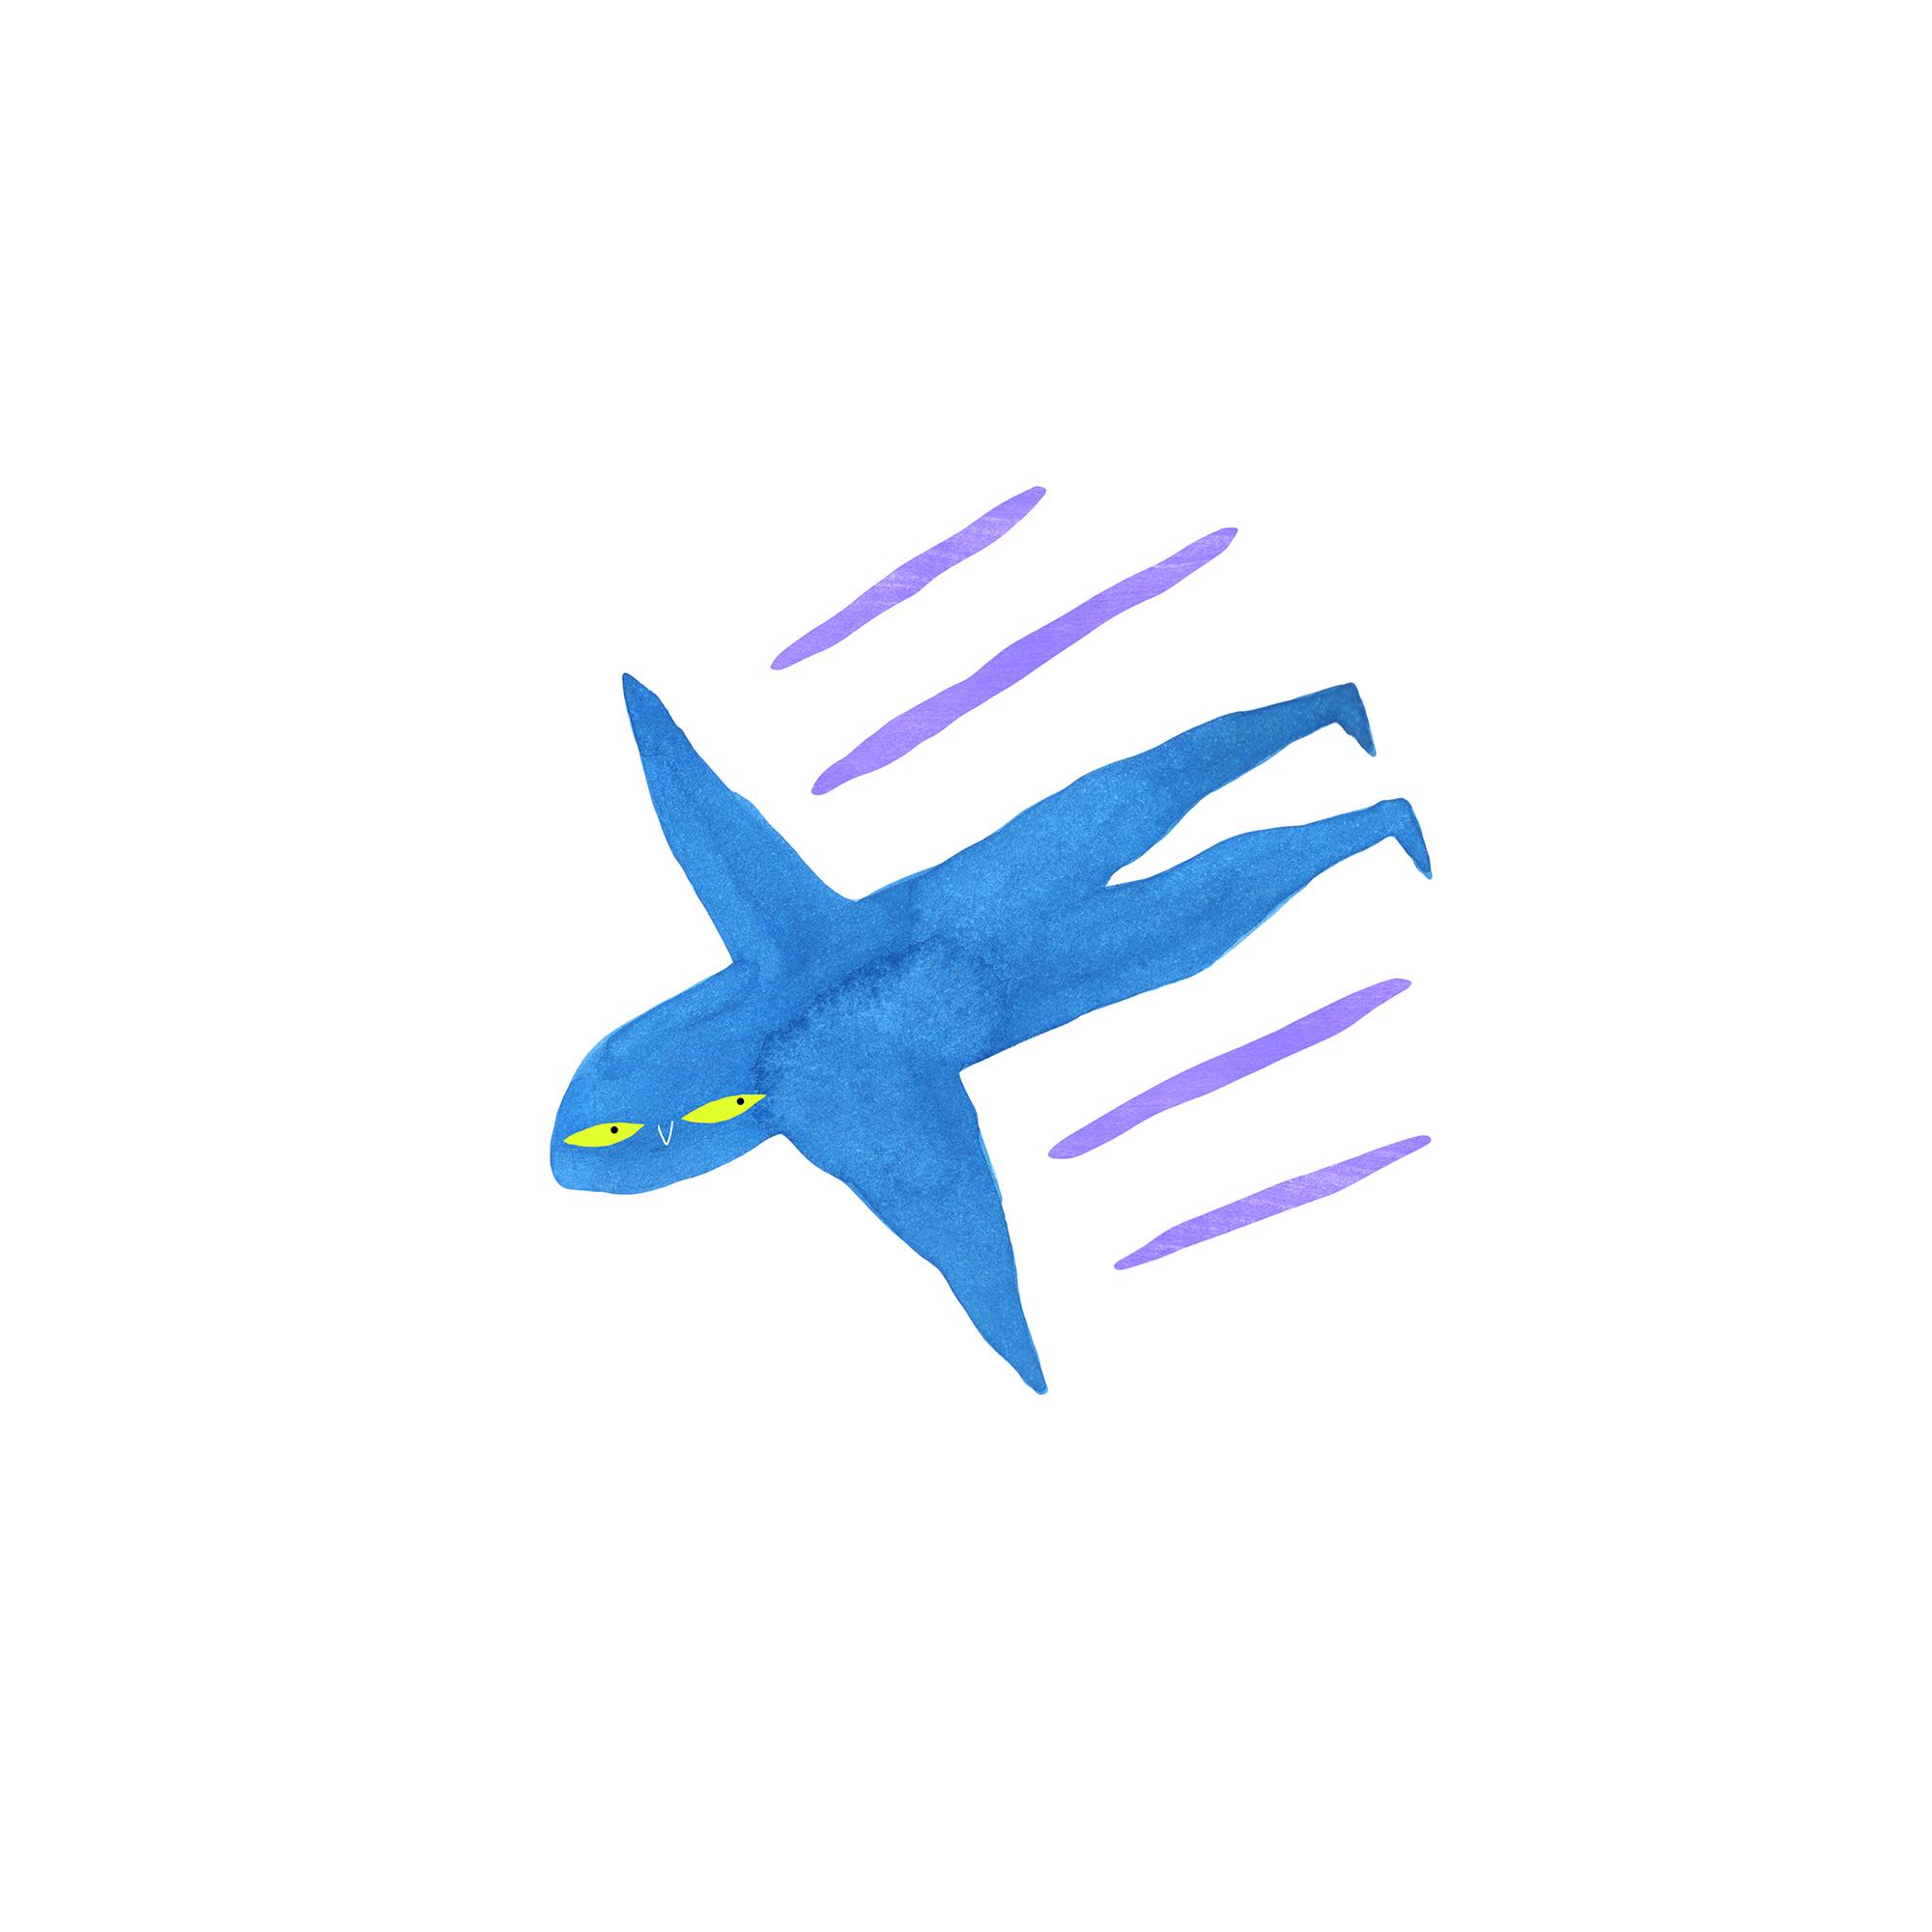 plane_S_3